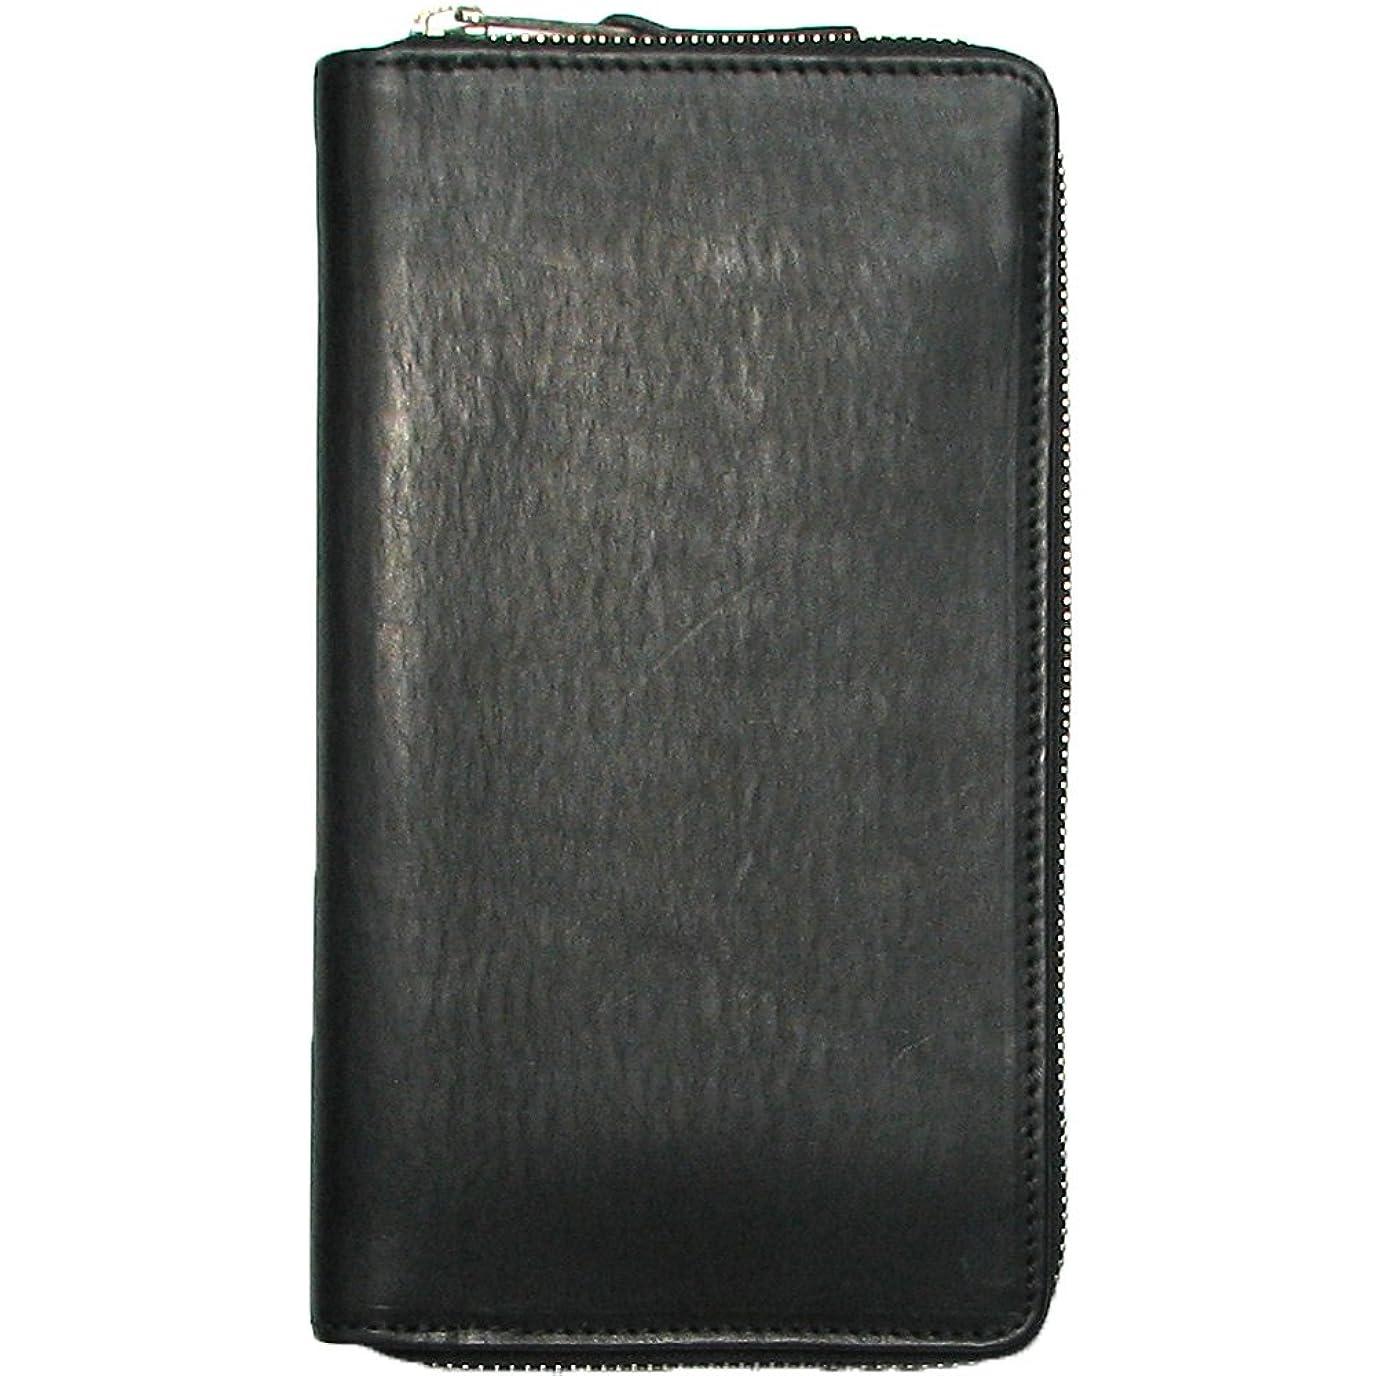 モナリザ役立つ利用可能イタリアンレザー本革トラベルウォレット長財布